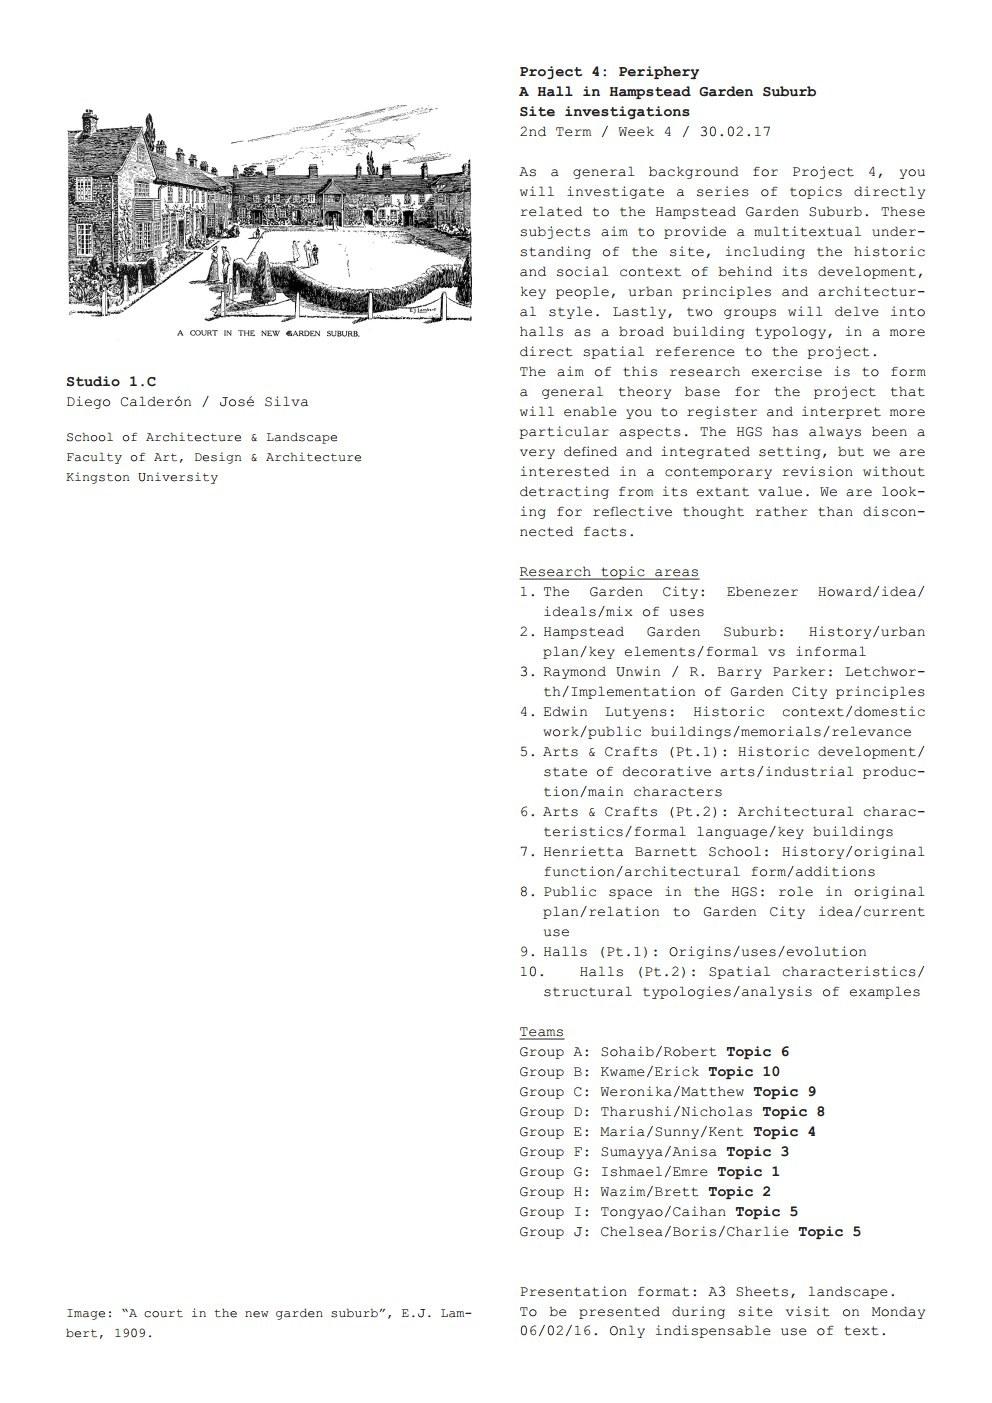 Court Investigator Cover Letter Tumblr Okpf19E5gG1uhgwcvo1 1280 Court  Investigator Cover Letterhtml